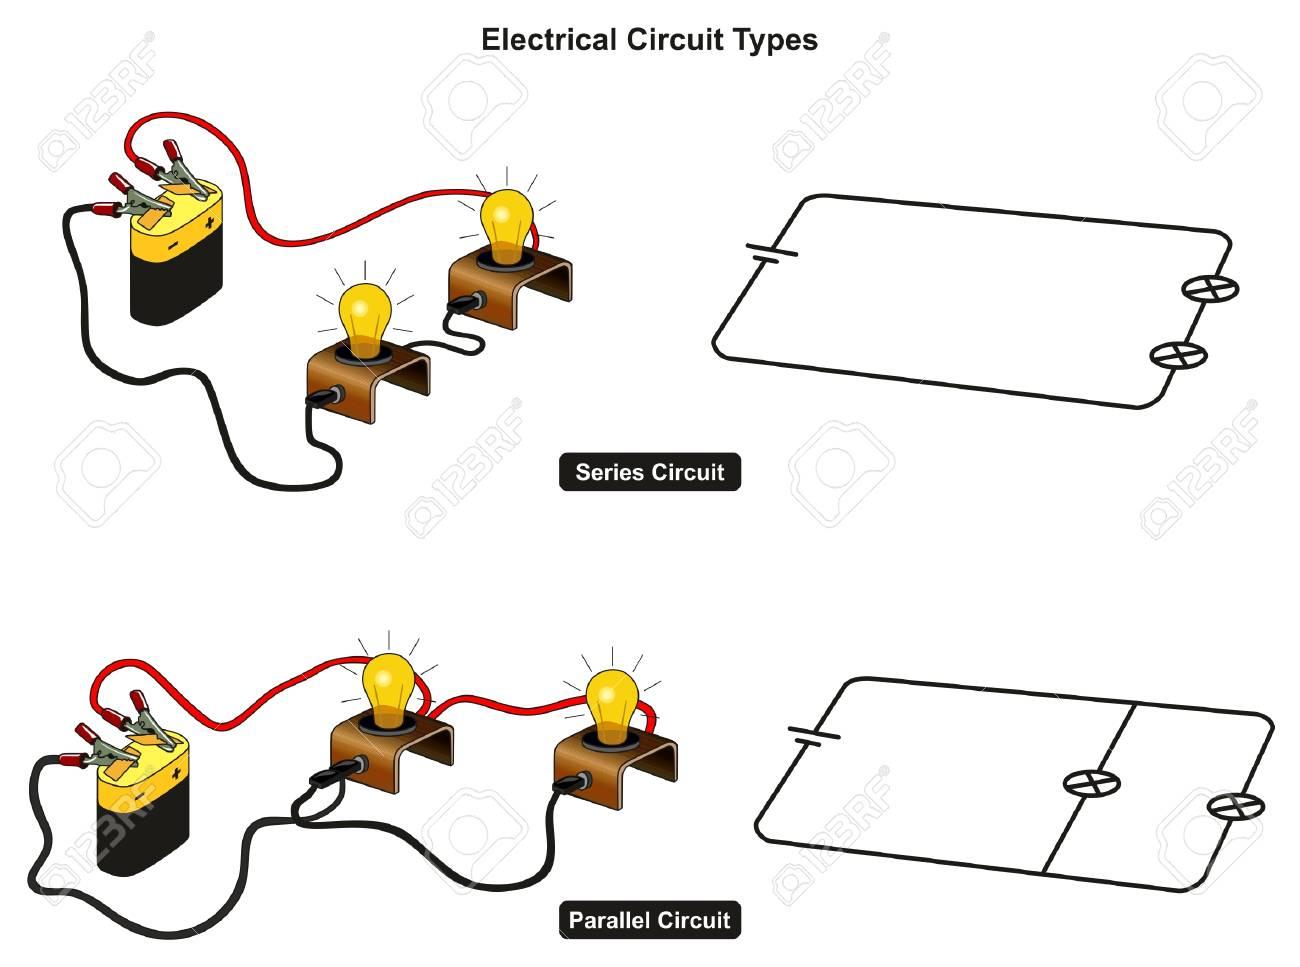 Circuito Seri E Paralelo : Tipos de circuitos eléctricos diagrama infográfico que muestra